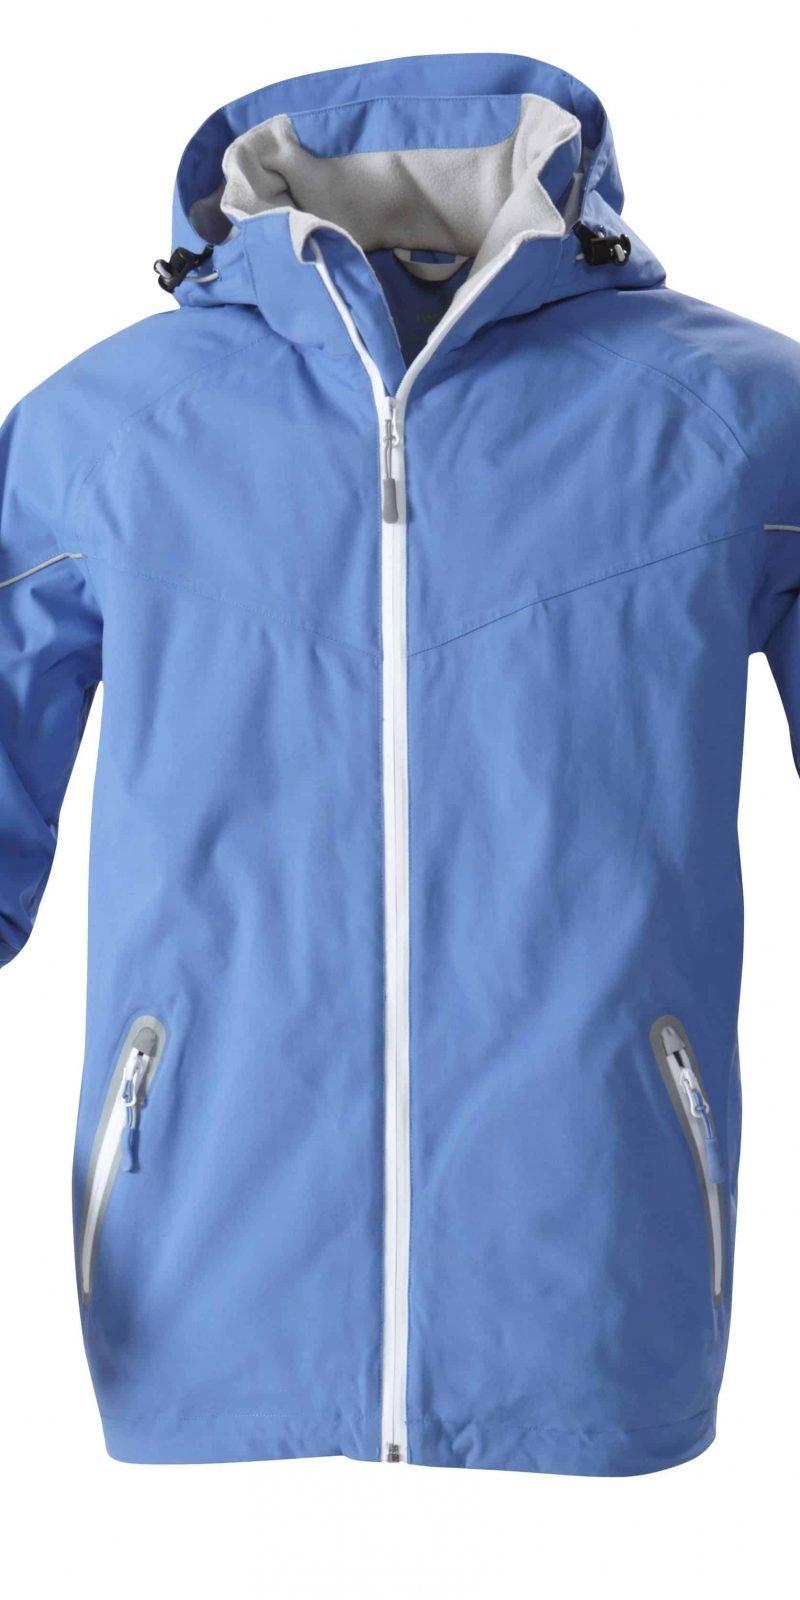 Concord Jacket